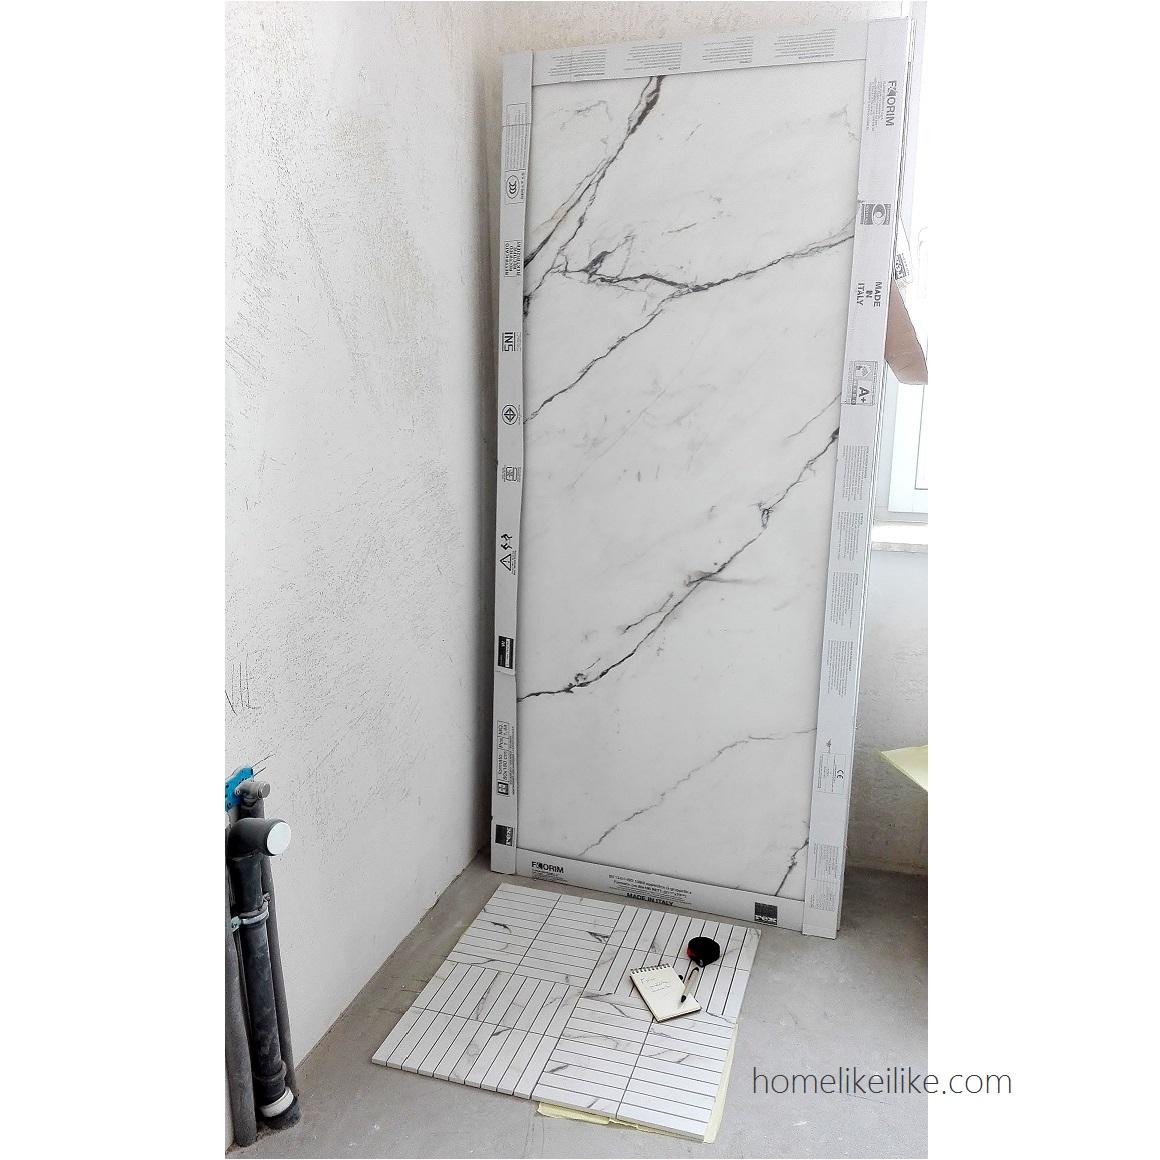 mała łazienka - homelikeilike.com